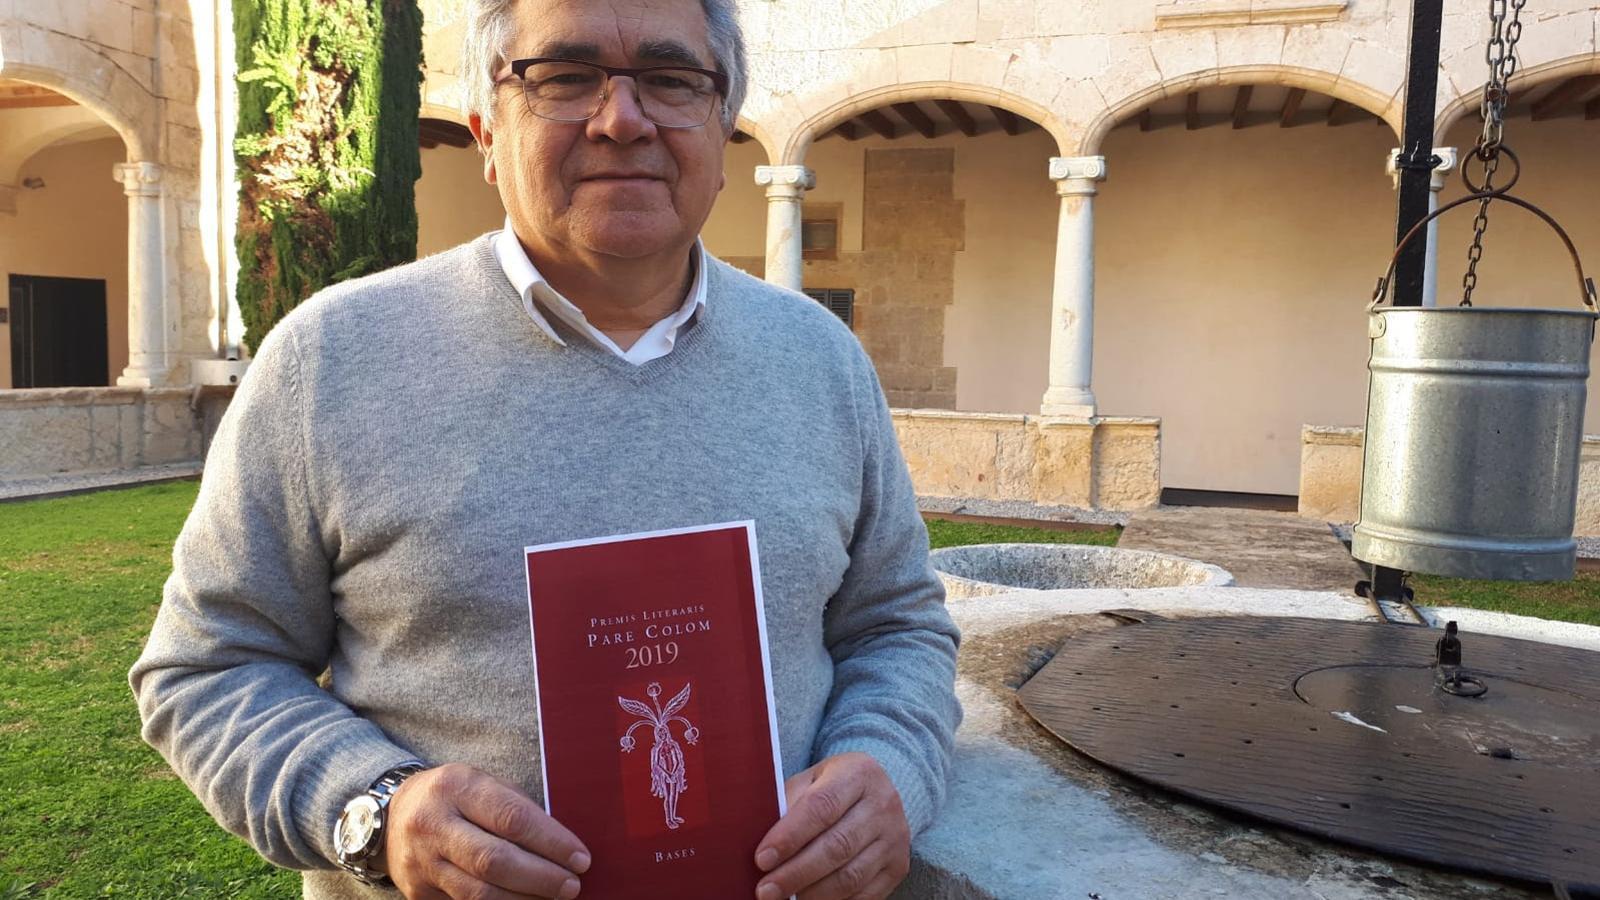 El regidor de Cultura, Toni Rodríguez, amb les bases dels premis d'enguany.